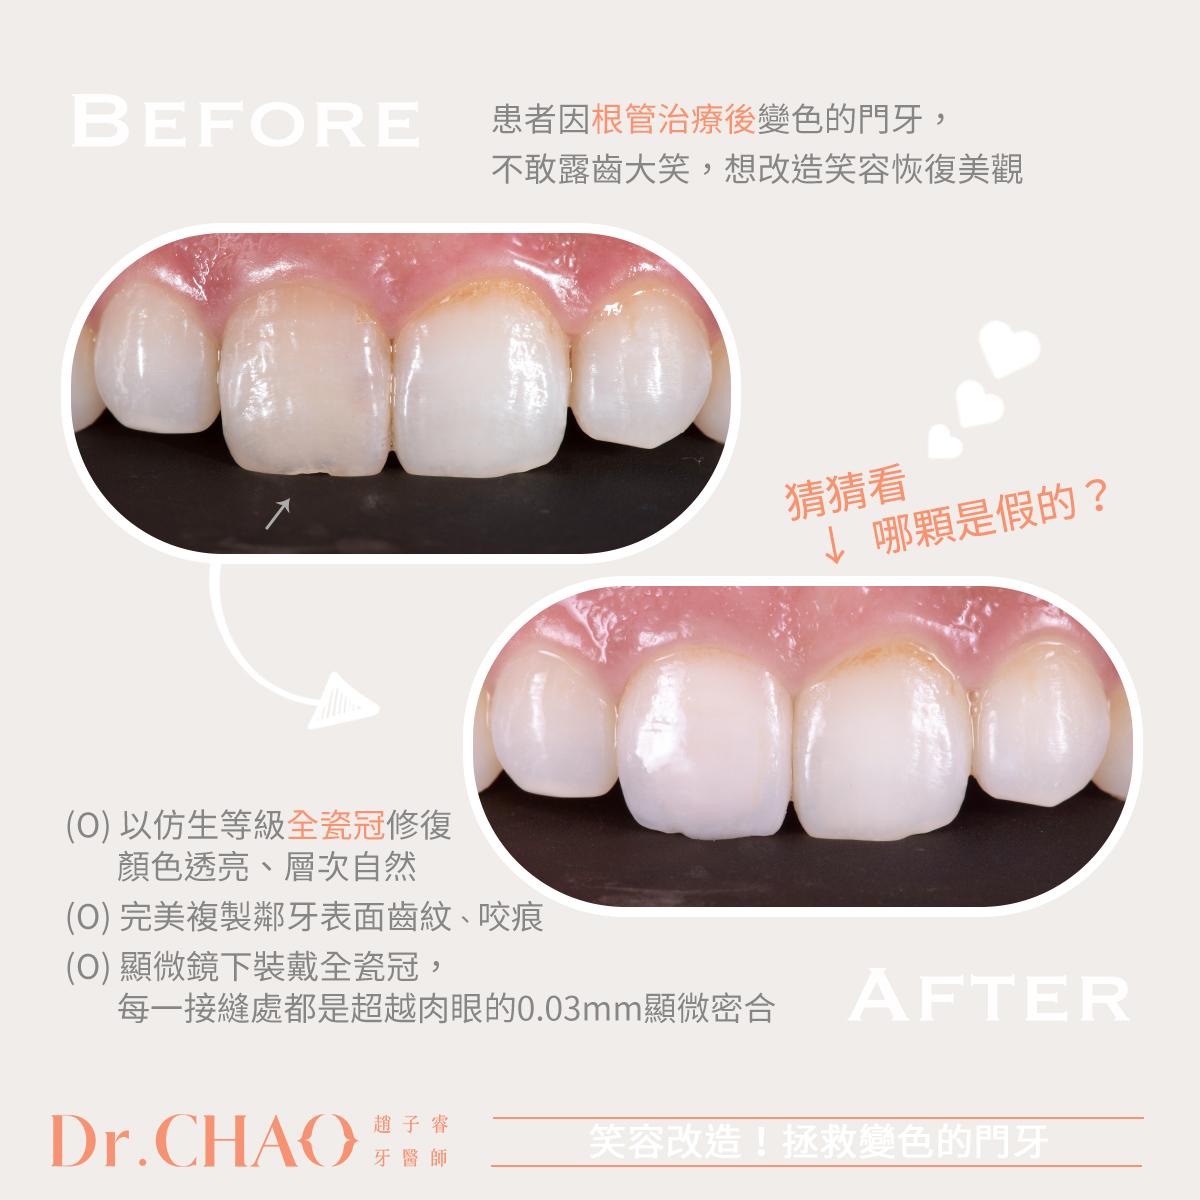 趙子睿醫師以仿生等級全瓷冠,成功拯救患者因門牙變色不敢露齒大笑的困擾